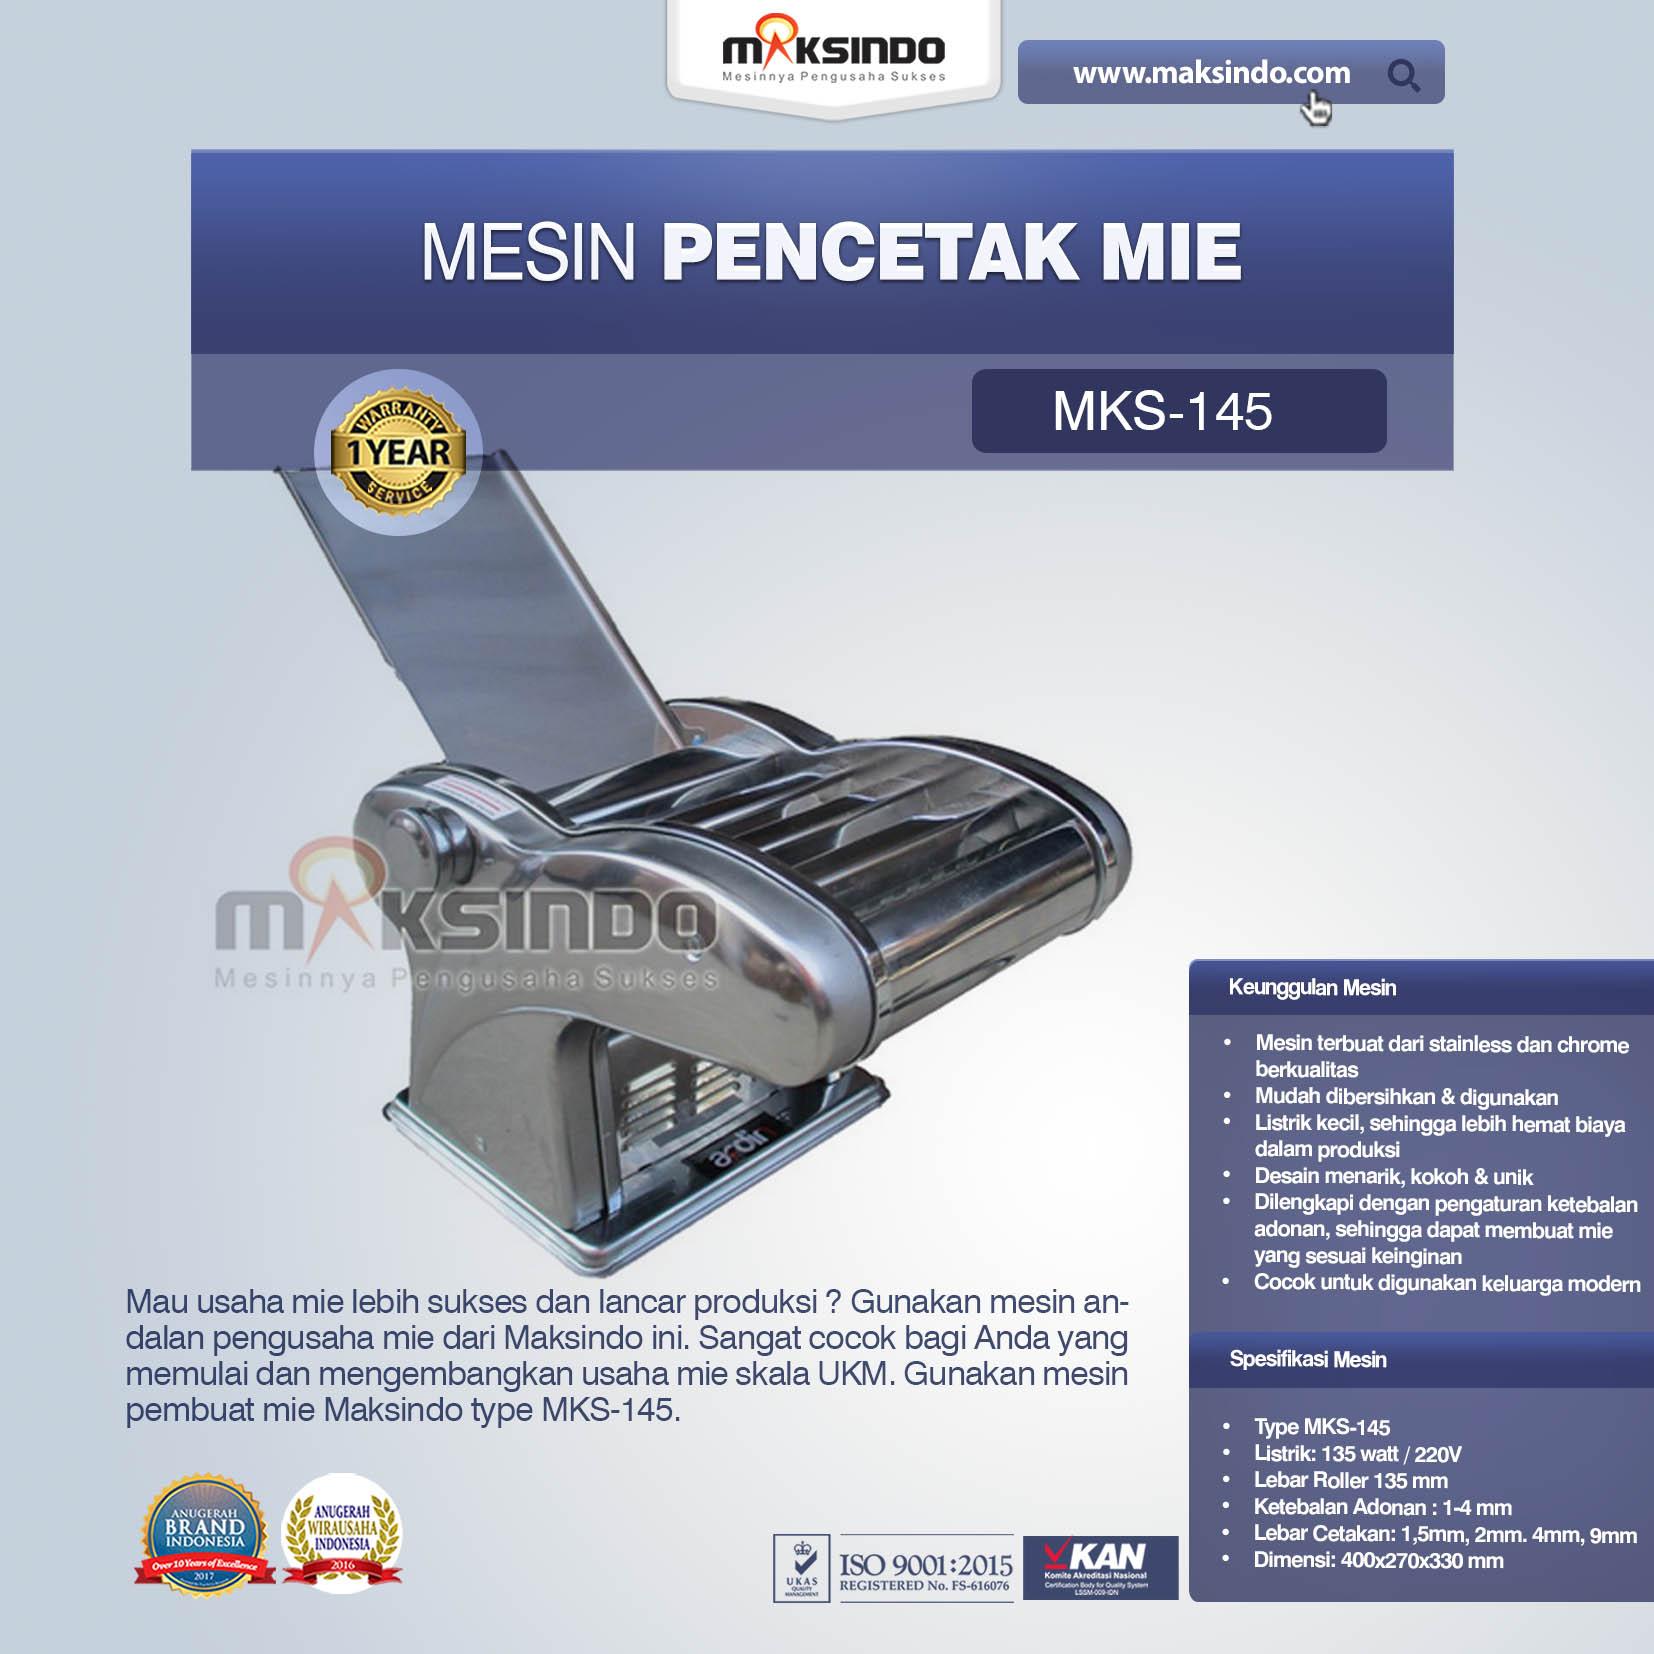 Jual Mesin Cetak Mie (MKS-145) di Malang